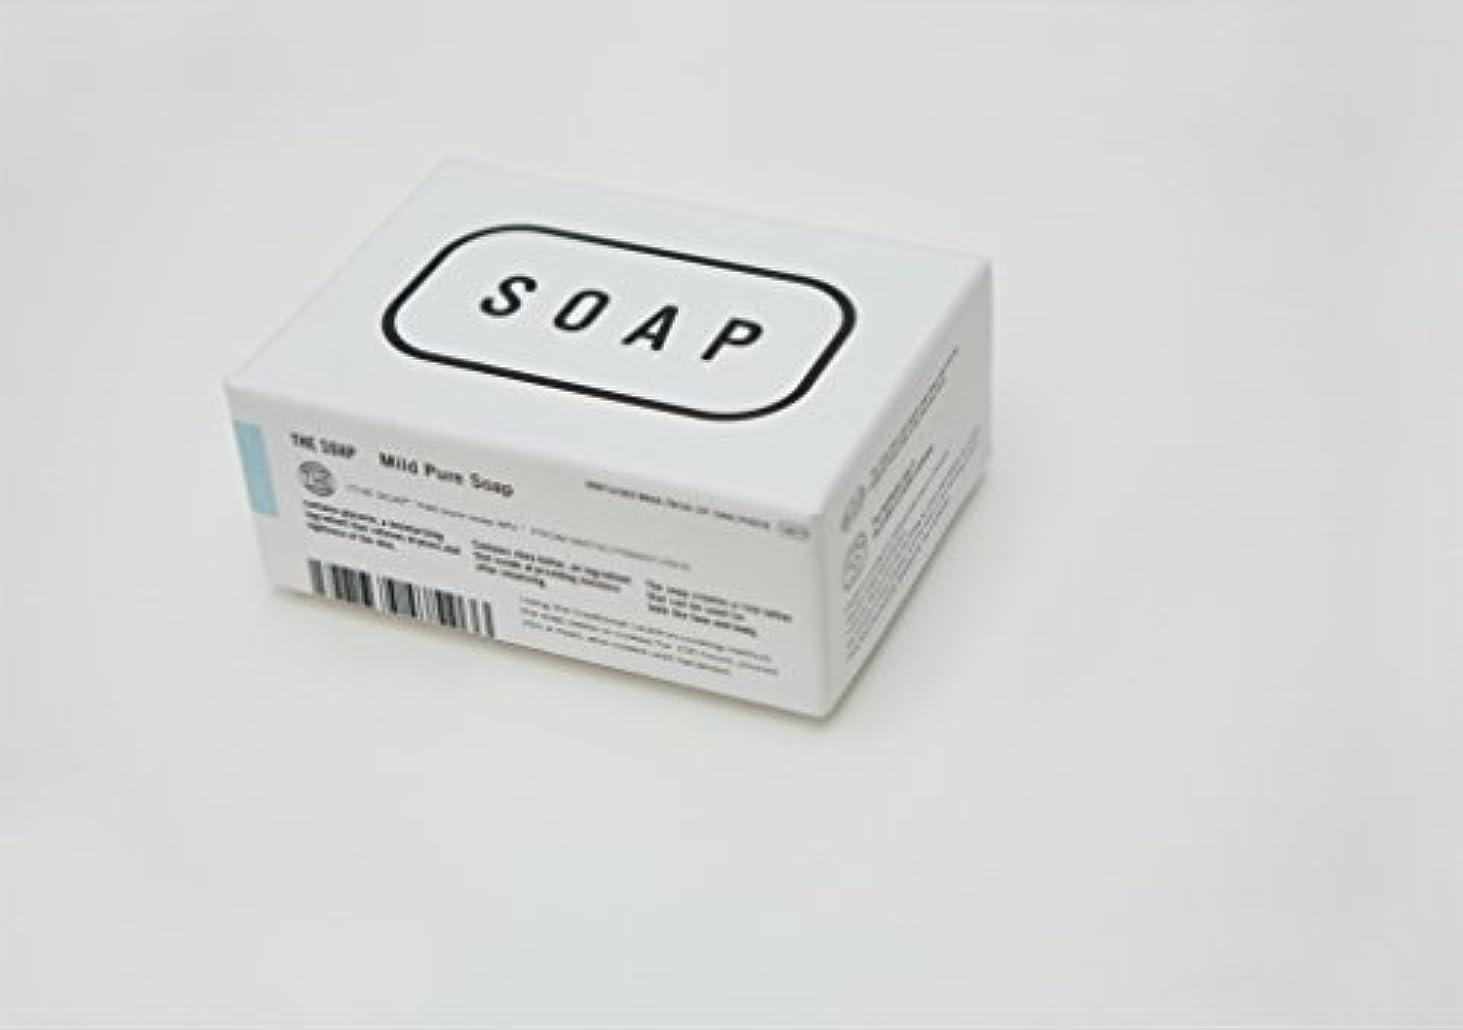 ヘビアレルギー受粉するTHE SOAP WHITE / ザ ソープ ホワイト 天然 無添加 せっけん 石鹸